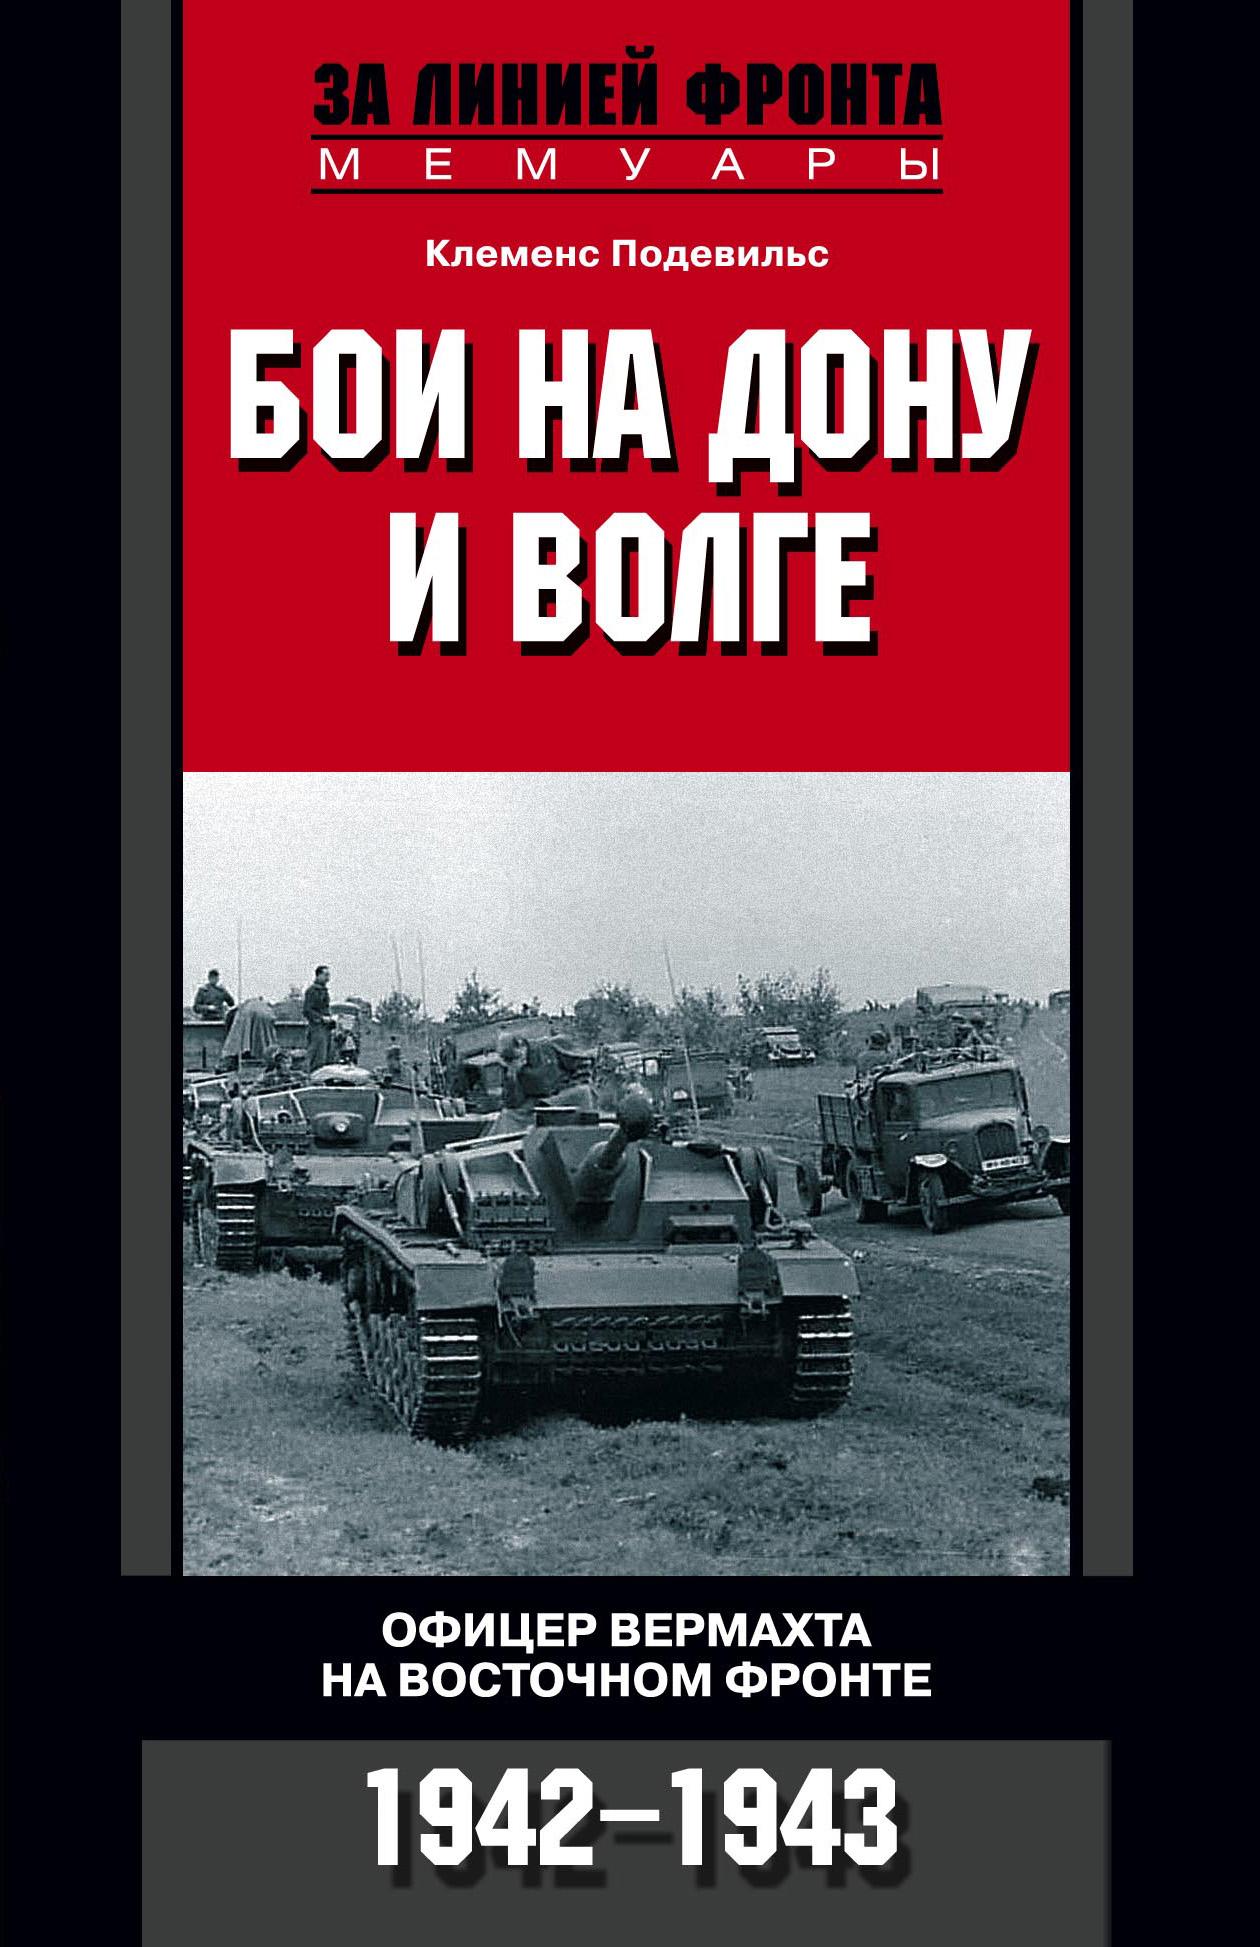 Бои на Дону и Волге. Офицер вермахта на Восточном фронте. 1942-1943